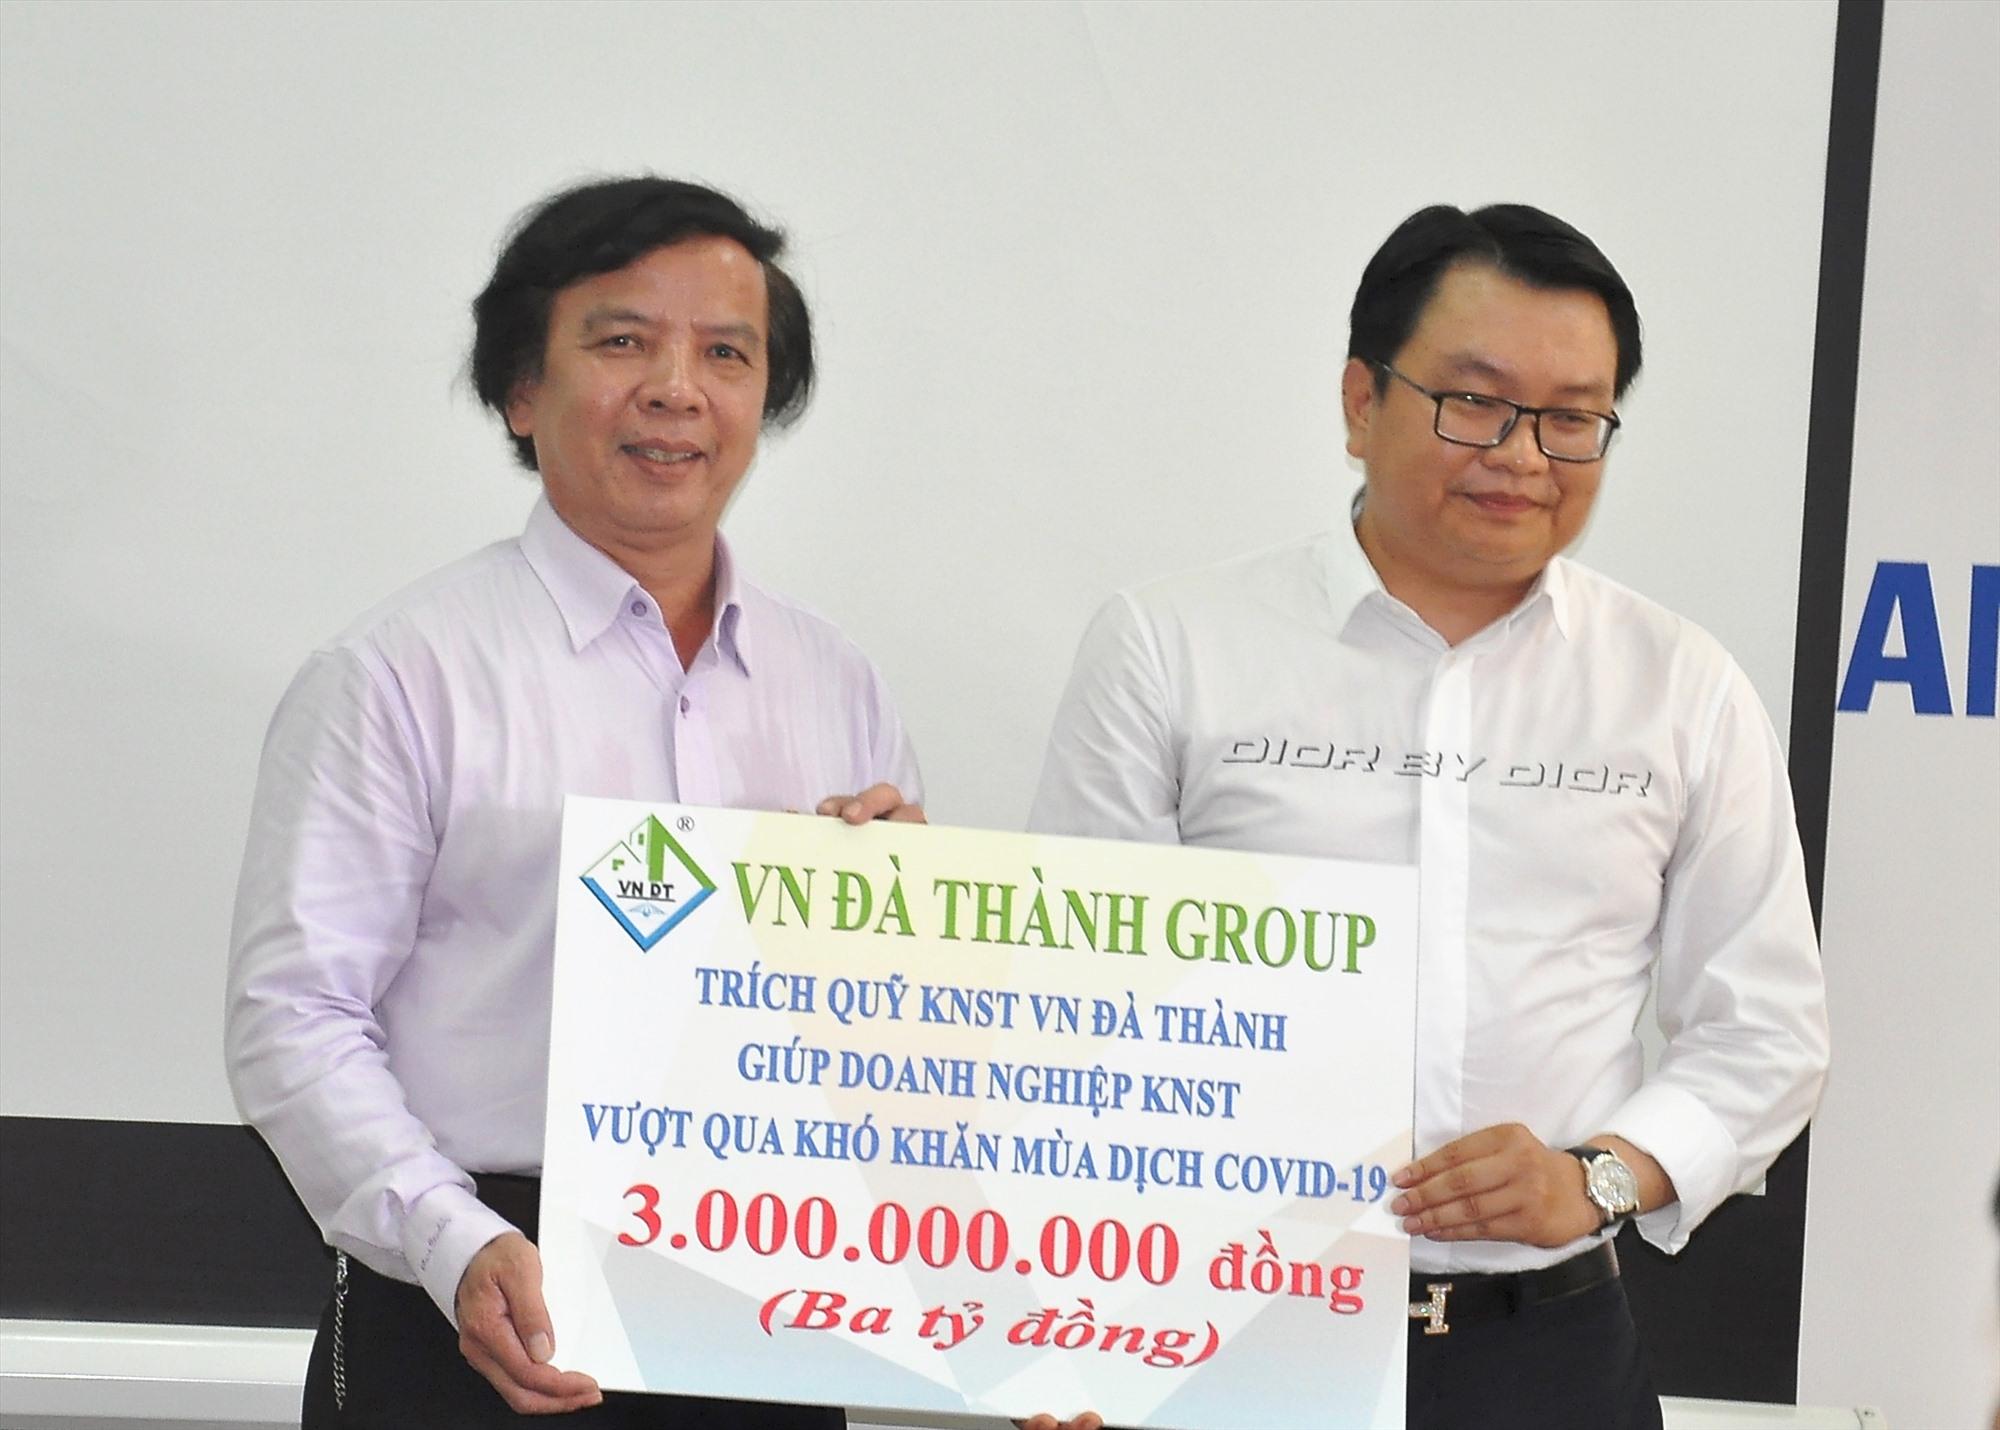 Ông Phạm Ngọc Sinh (trái) nhận gói hỗ trợ 3 tỷ đồng từ Công ty CP Tập đoàn VN Đà Thành để hỗ trợ cho các dự án KN trên địa bàn tỉnh trong tình hình dịch Covid-19. Ảnh: VINH ANH